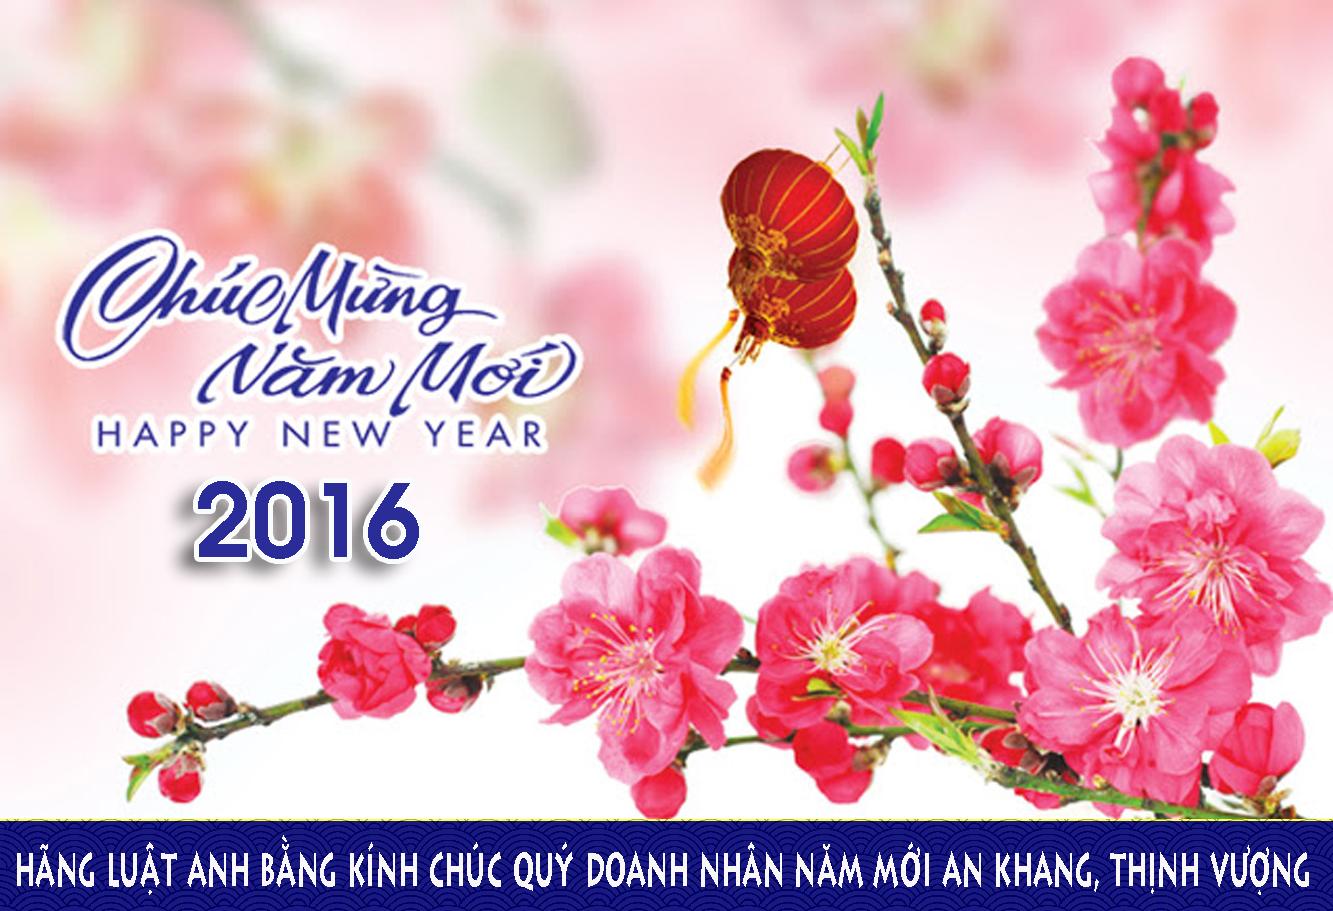 Thiệp chúc mừng năm mới 2016.02